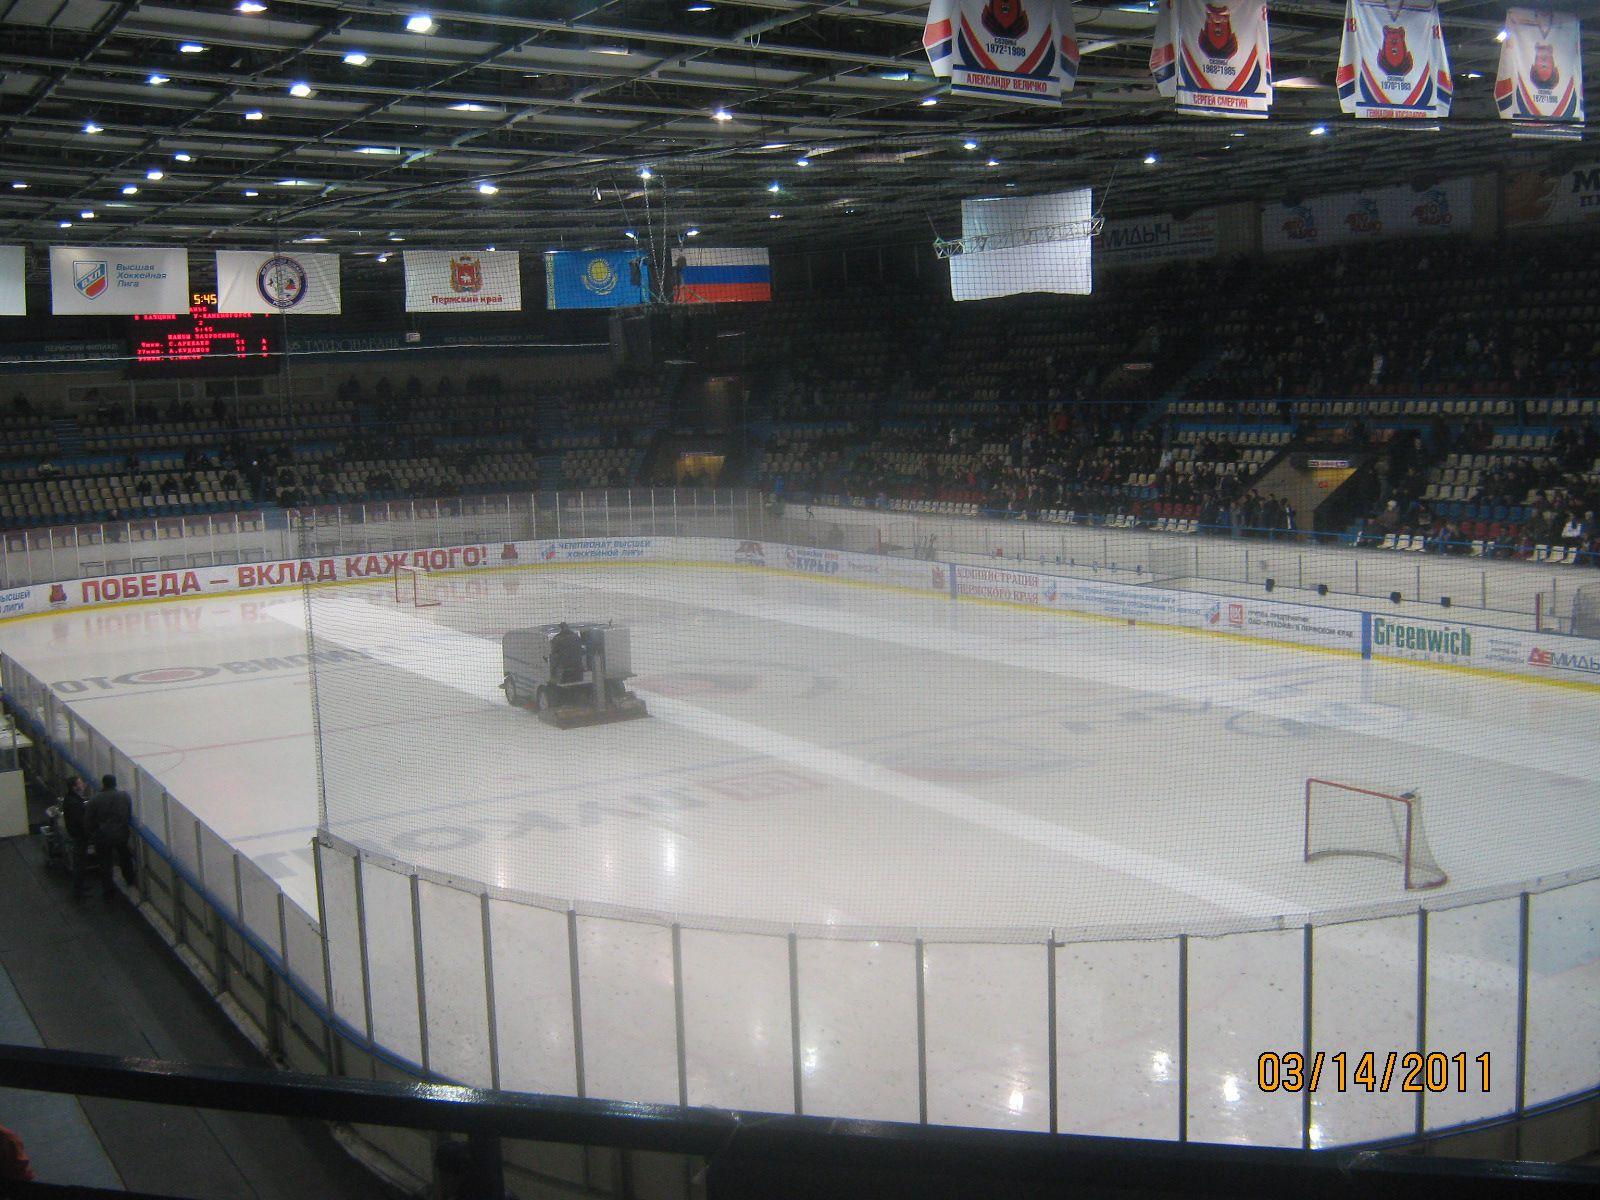 Пермское минспорта арендует спортивный дворец, вкотором играют «Парма» и«Молот-Прикамье»